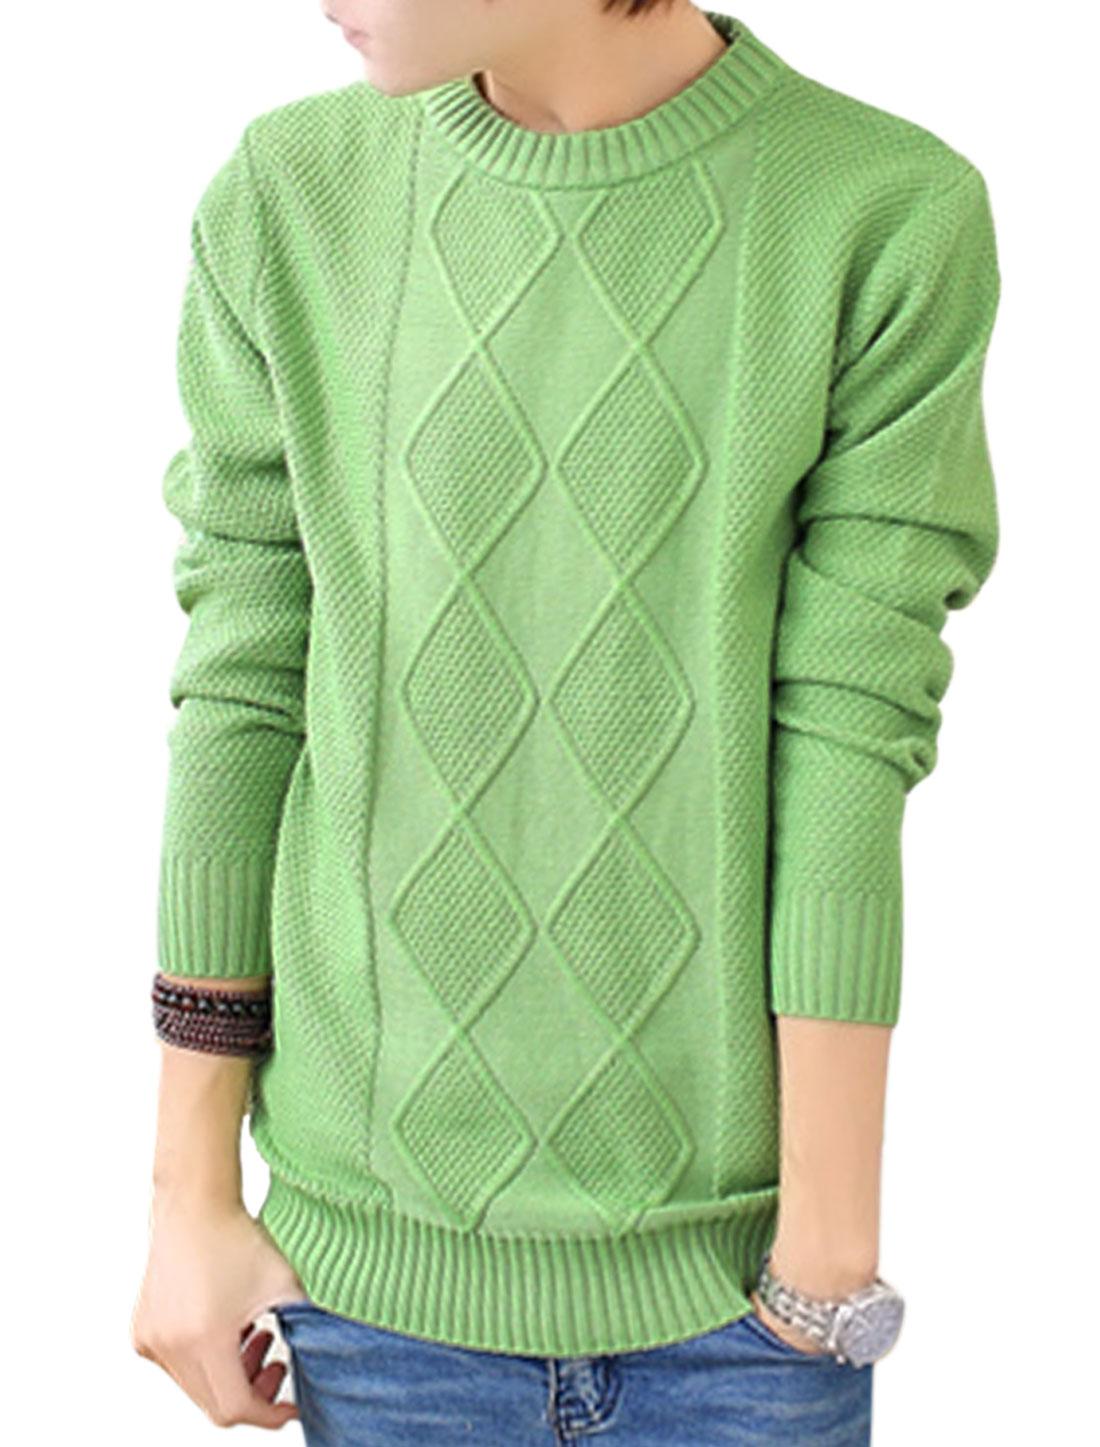 Long Sleeves Slipover Leisure Design Green Sweater for Man S